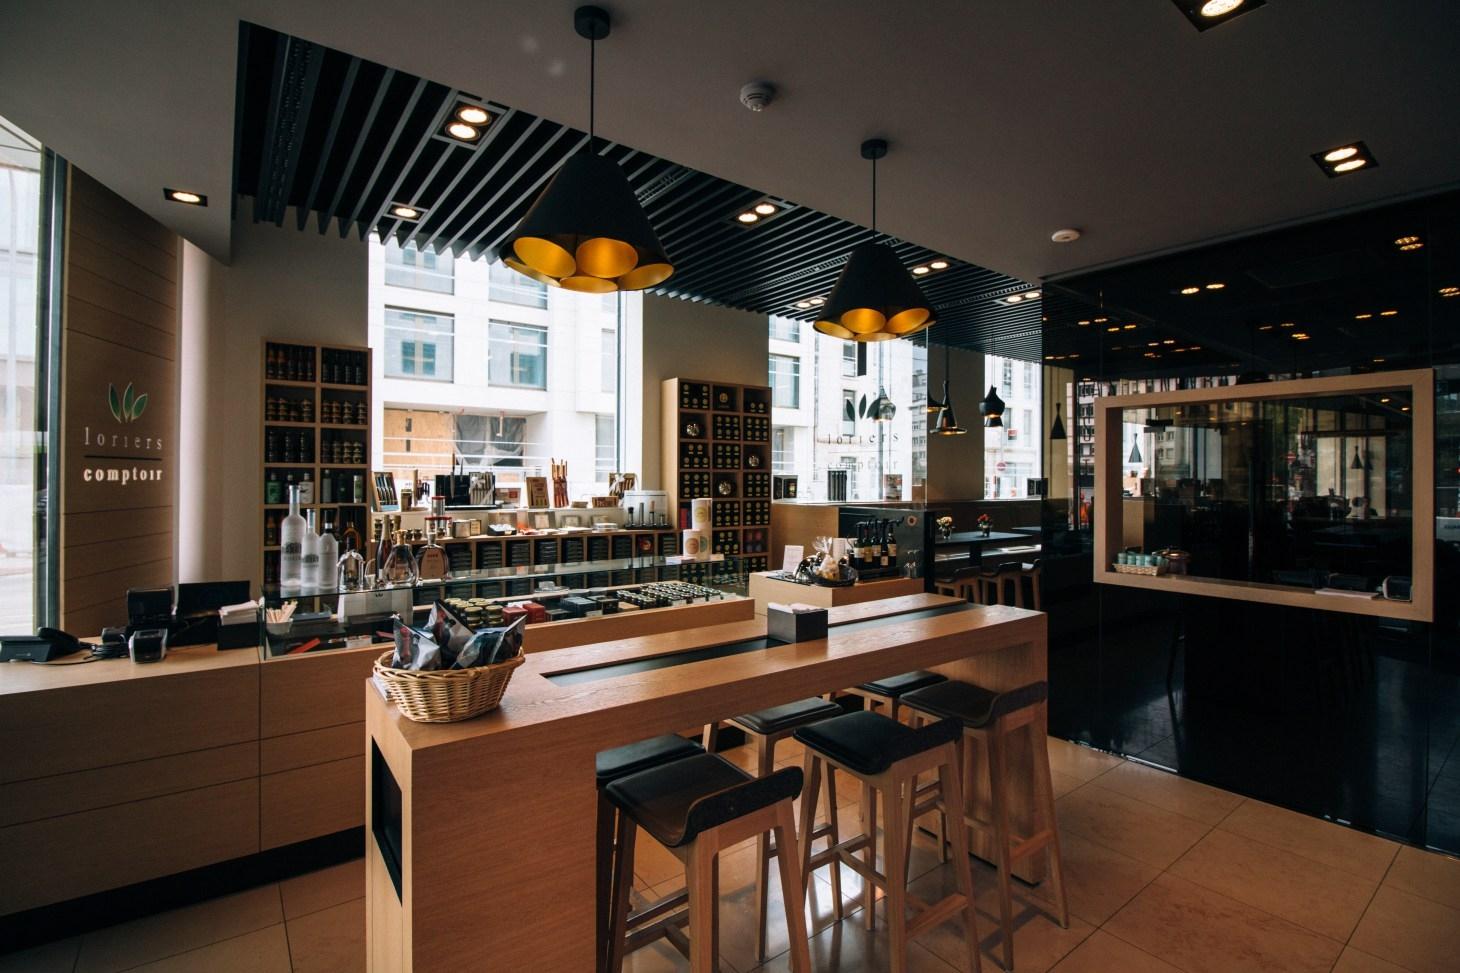 Comptoir loriers restaurant luxembourg - Cuisine rapide luxembourg ...